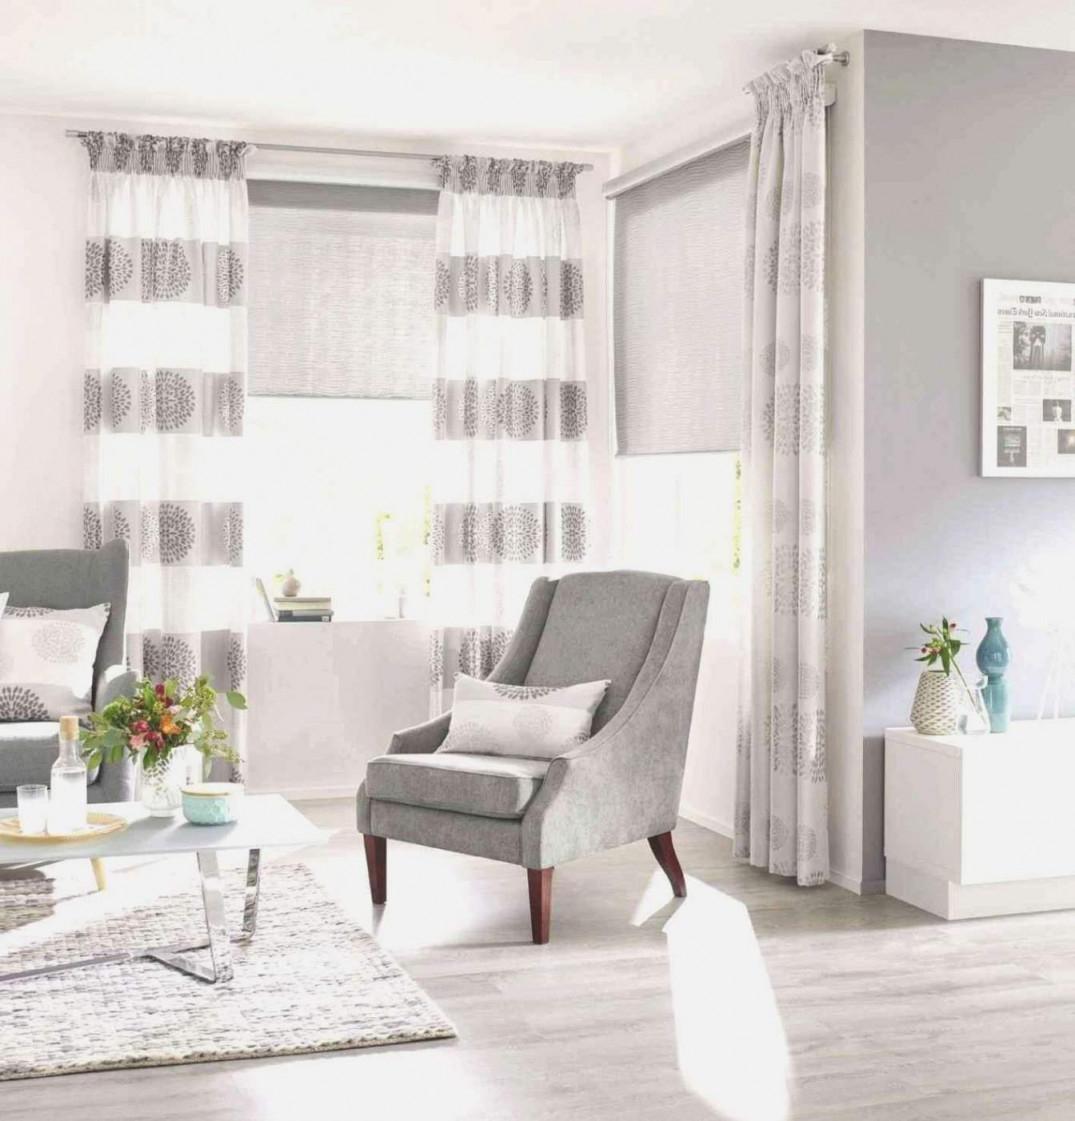 36 Elegant Wohnzimmer Vorhang Einzigartig  Wohnzimmer Frisch von Ideen Vorhänge Wohnzimmer Bild